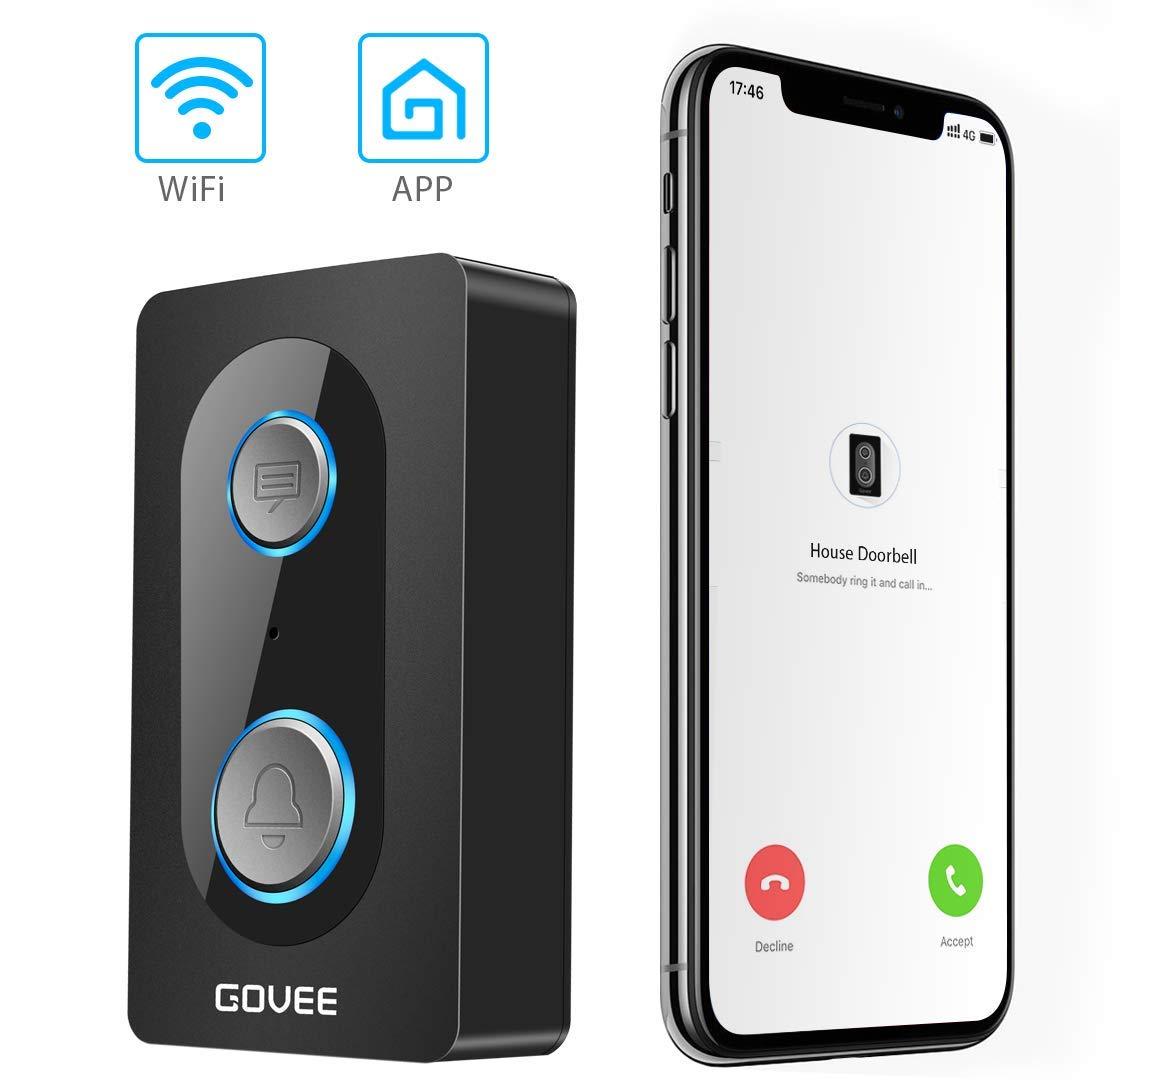 Govee WiFi Audio Doorbell, Two-Way Talk Doorbell with Leave Voice Message Function, IP44 Waterproof Wireless Smart Doorbell Chime for Indoor and Outdoor Use (6 AAA batteries included )